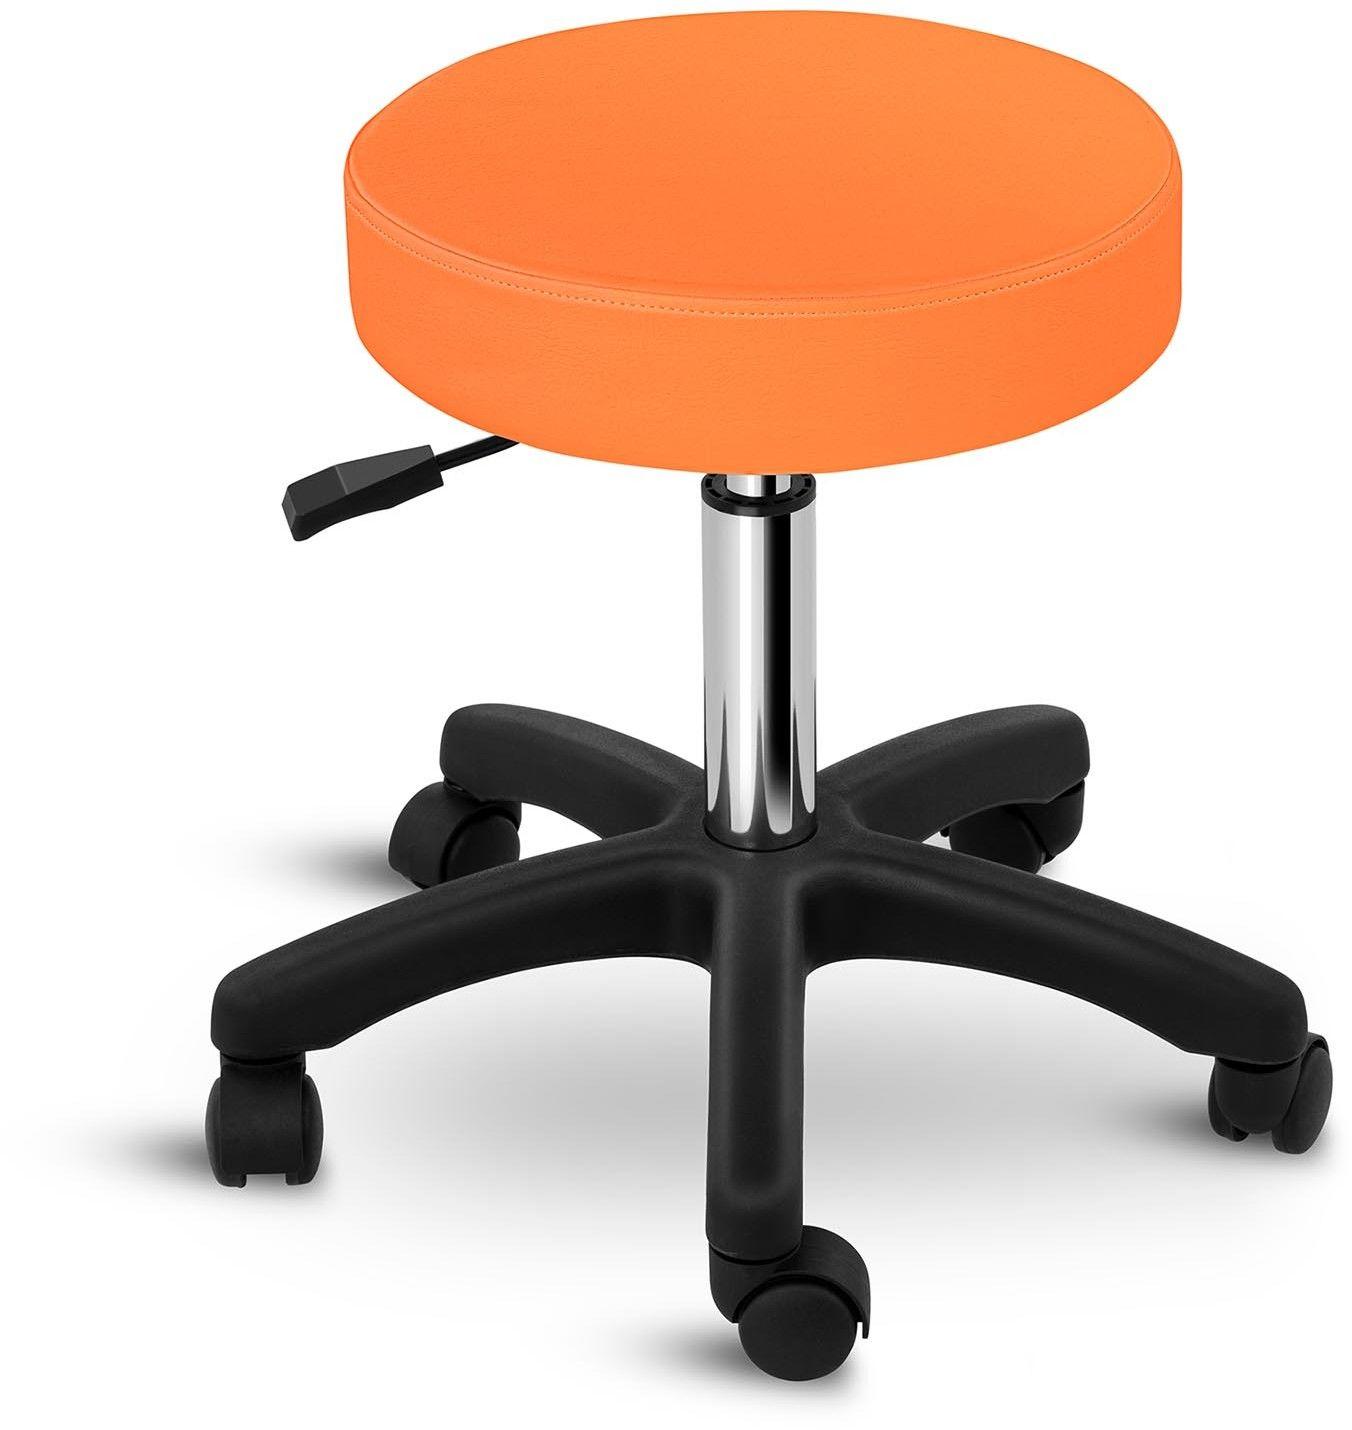 Taboret kosmetyczny Aversa pomarańczowy - physa - Aversa Orange - 3 lata gwarancji/wysyłka w 24h